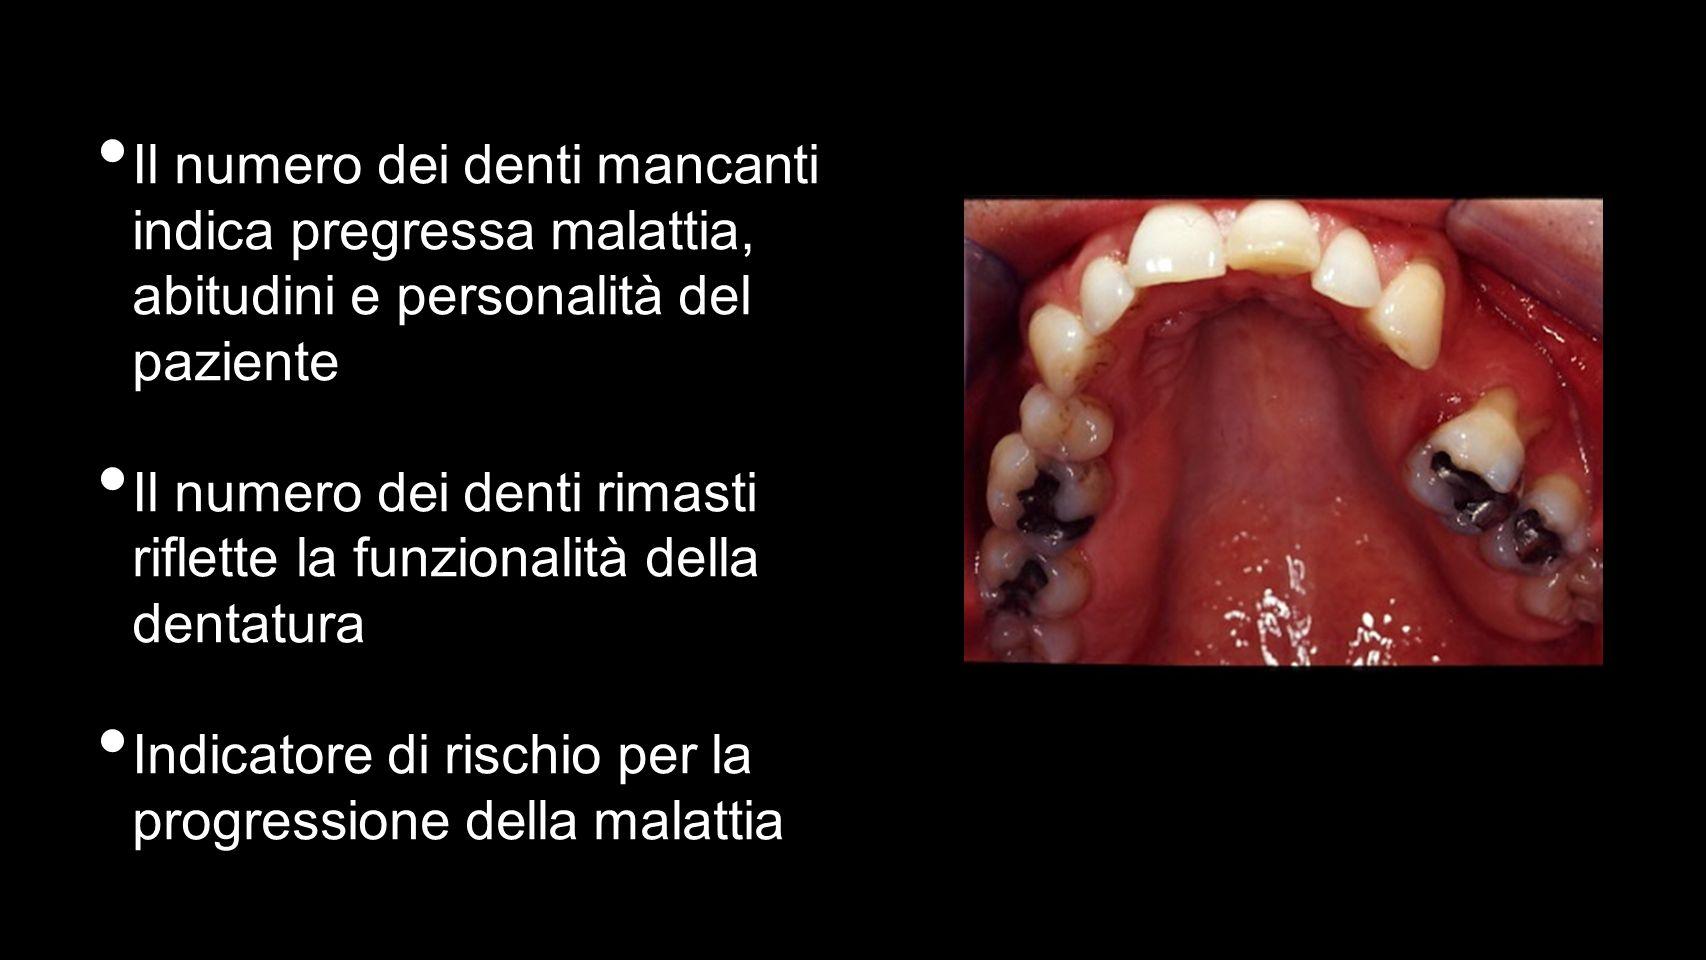 Il numero dei denti mancanti indica pregressa malattia, abitudini e personalità del paziente